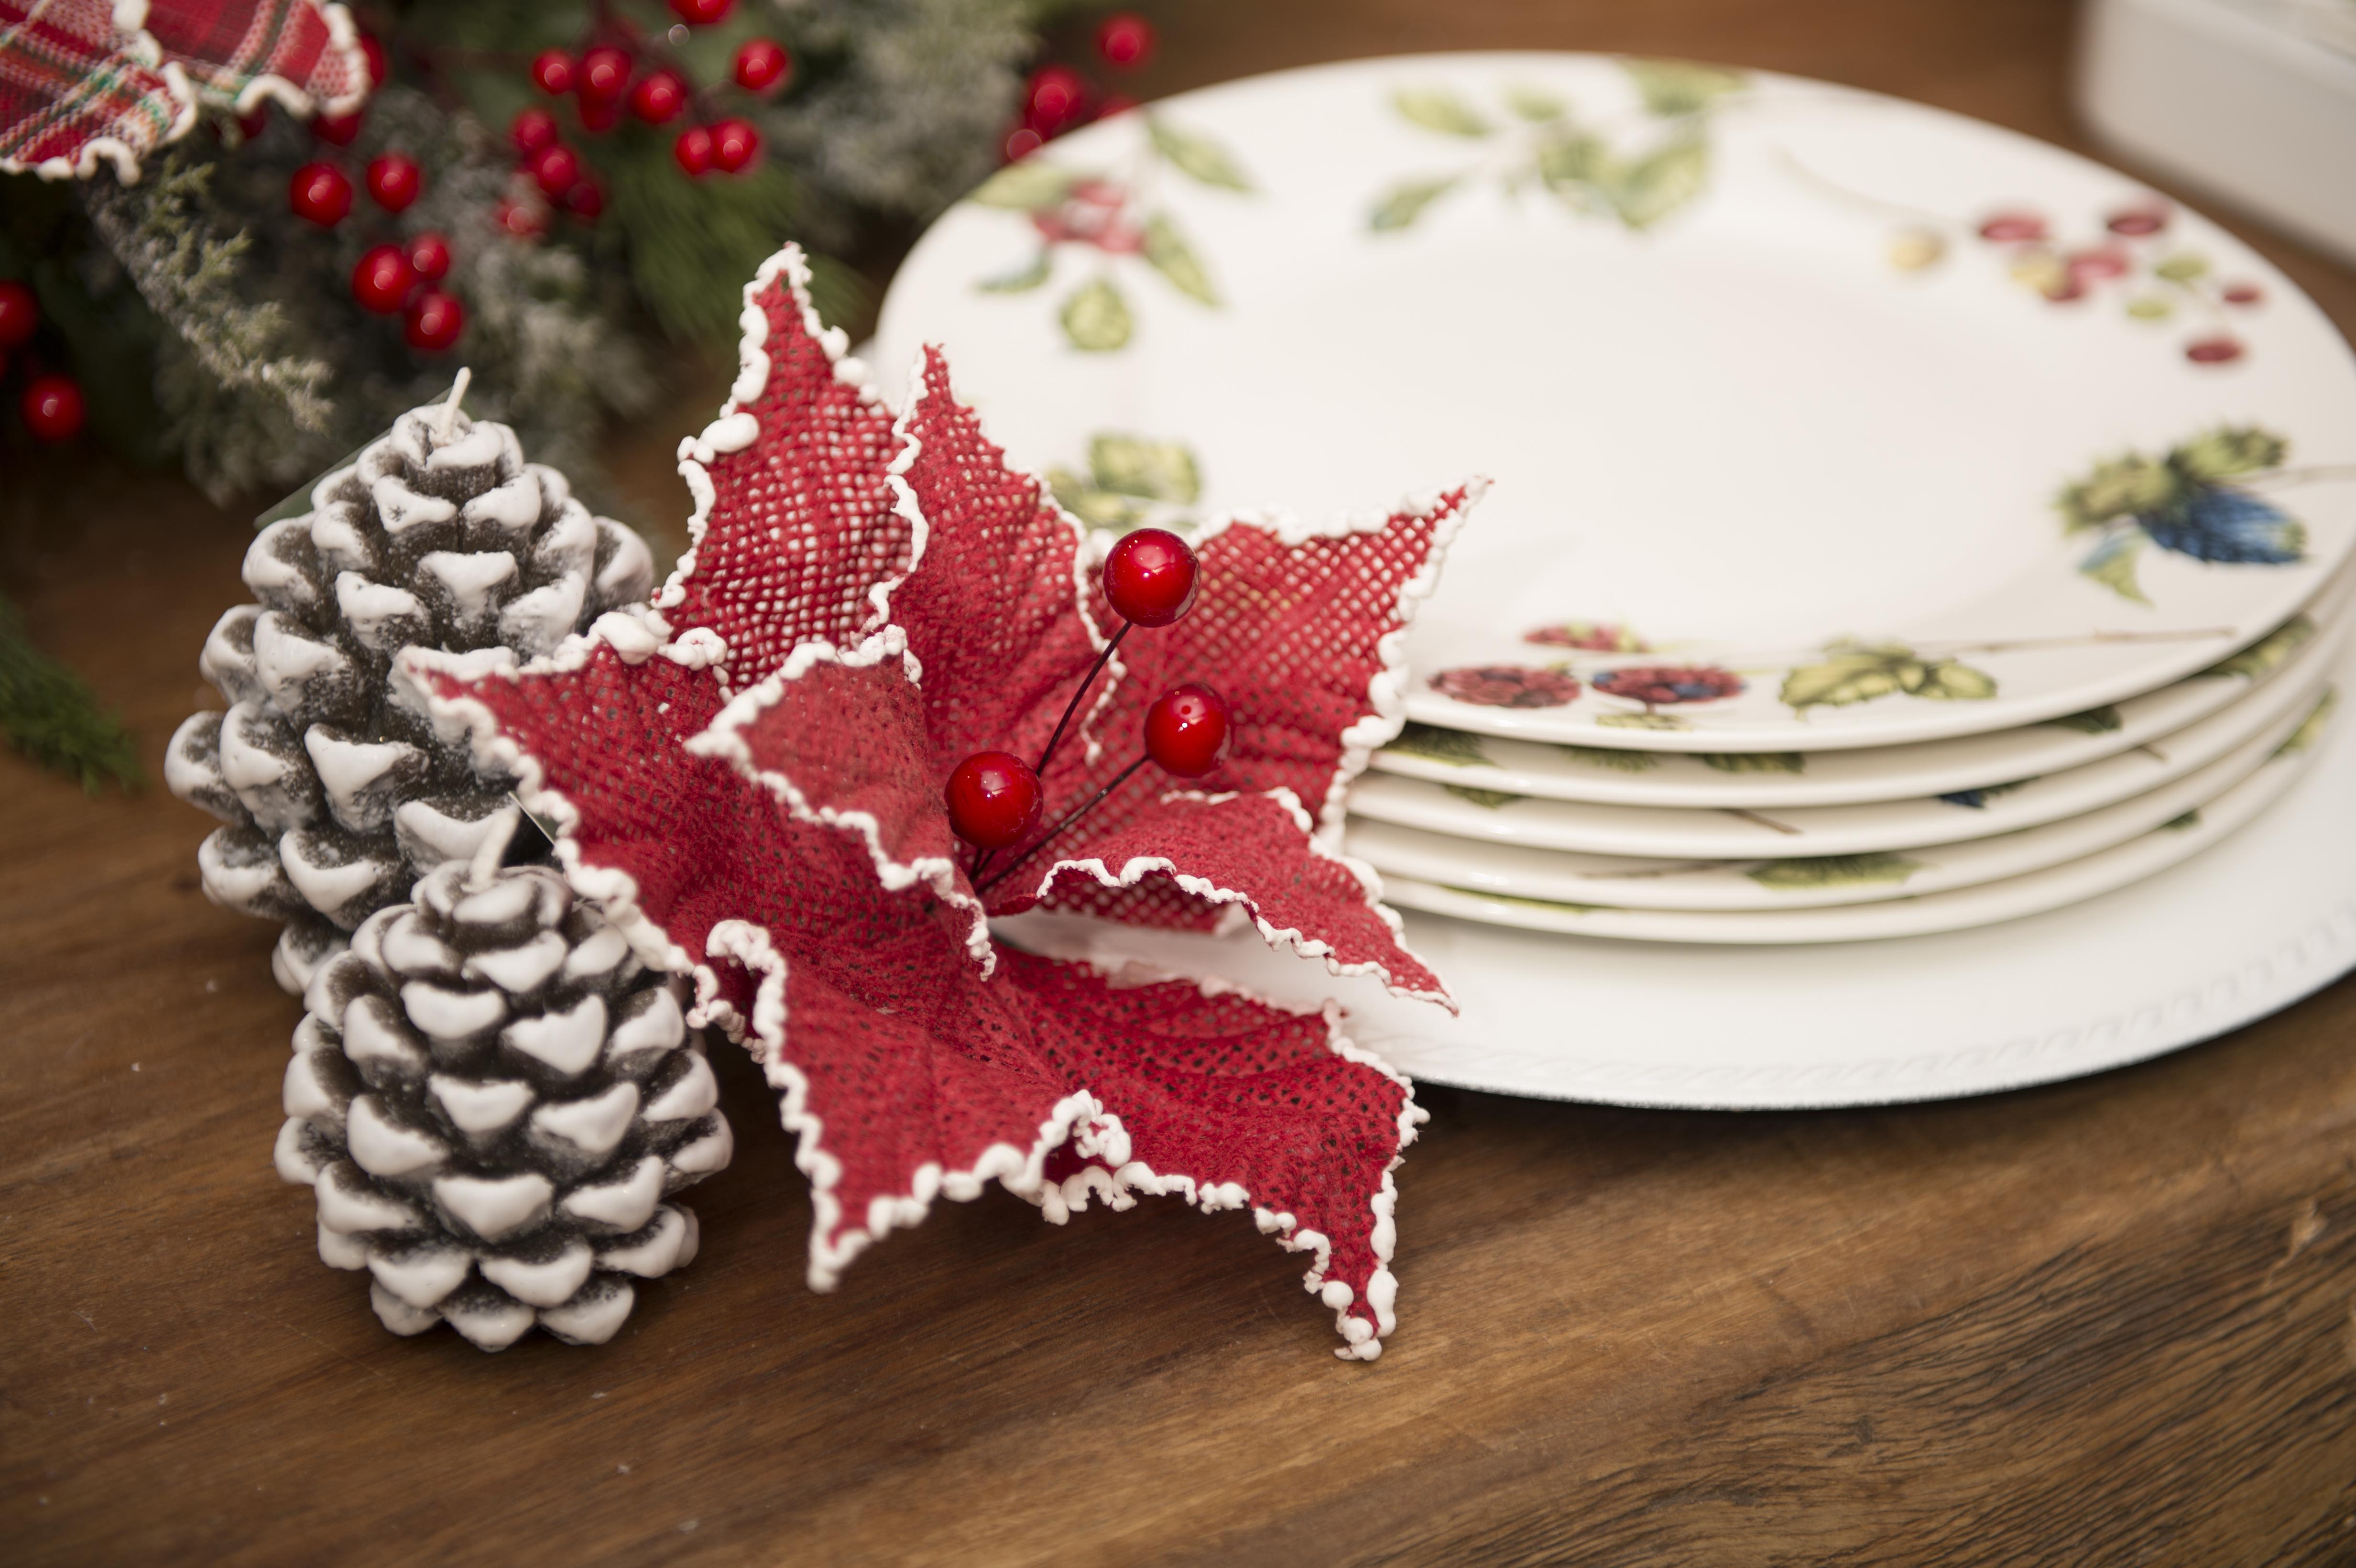 Além de aparecer nas árvores e enfeites, as frutas vermelhas são o tema do jogo de jantar Berries, em porcelana, que se encaixa perfeitamente nessa coleção de Natal.